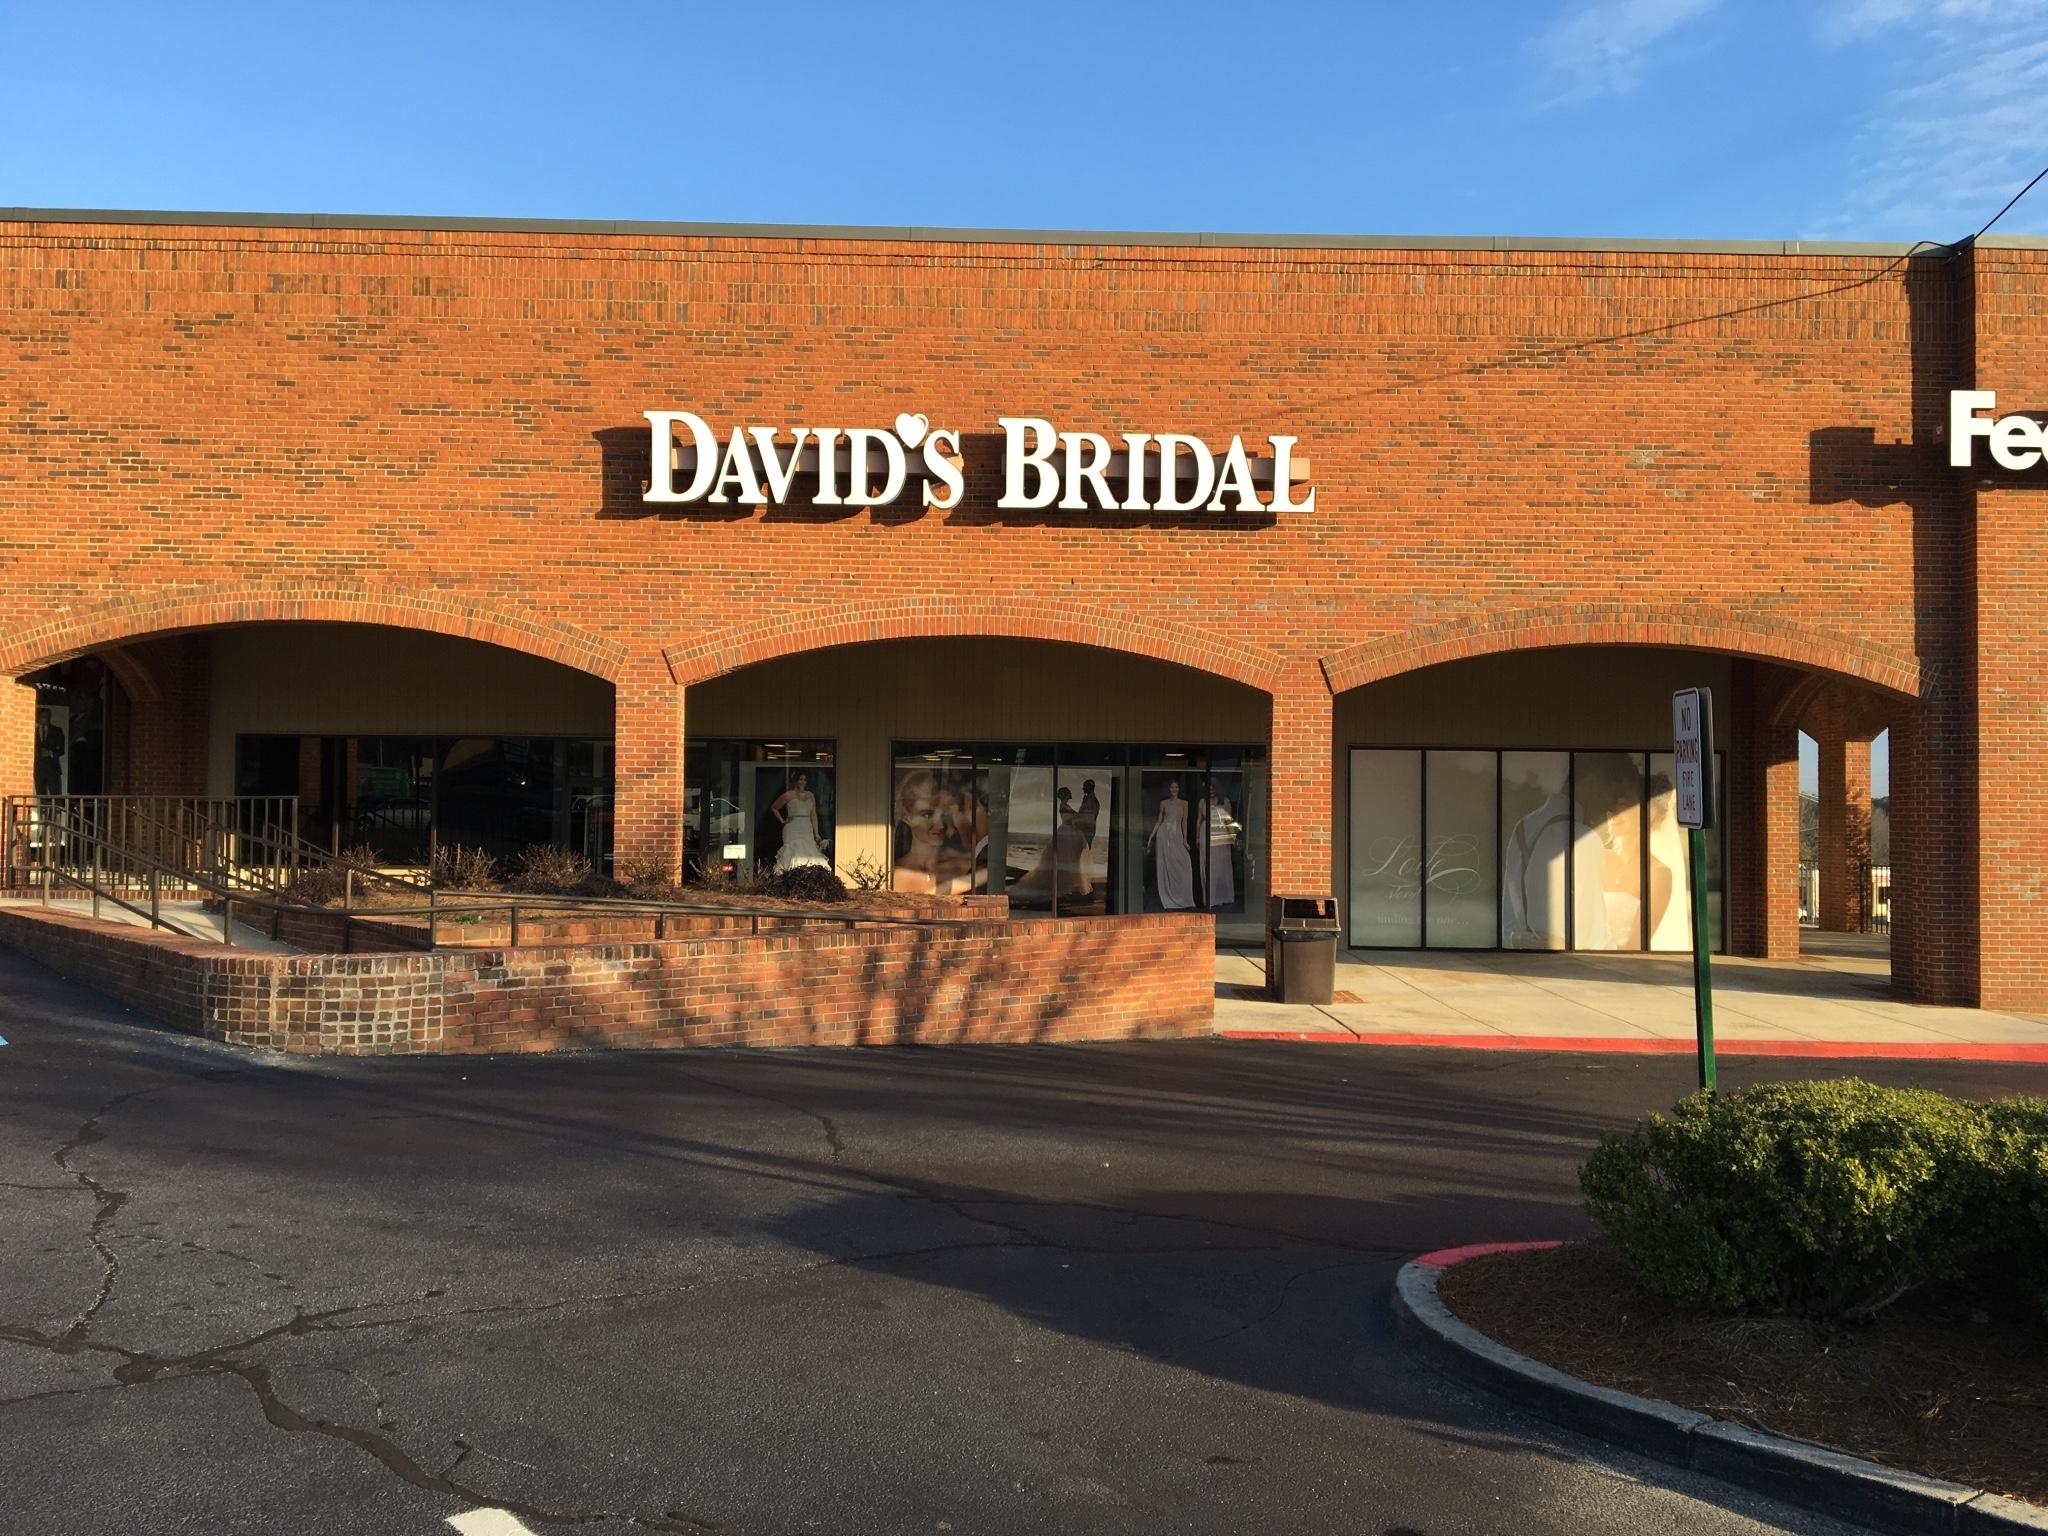 David's Bridal 440 Ernest W Barrett Pkwy NW Ste 36, Kennesaw